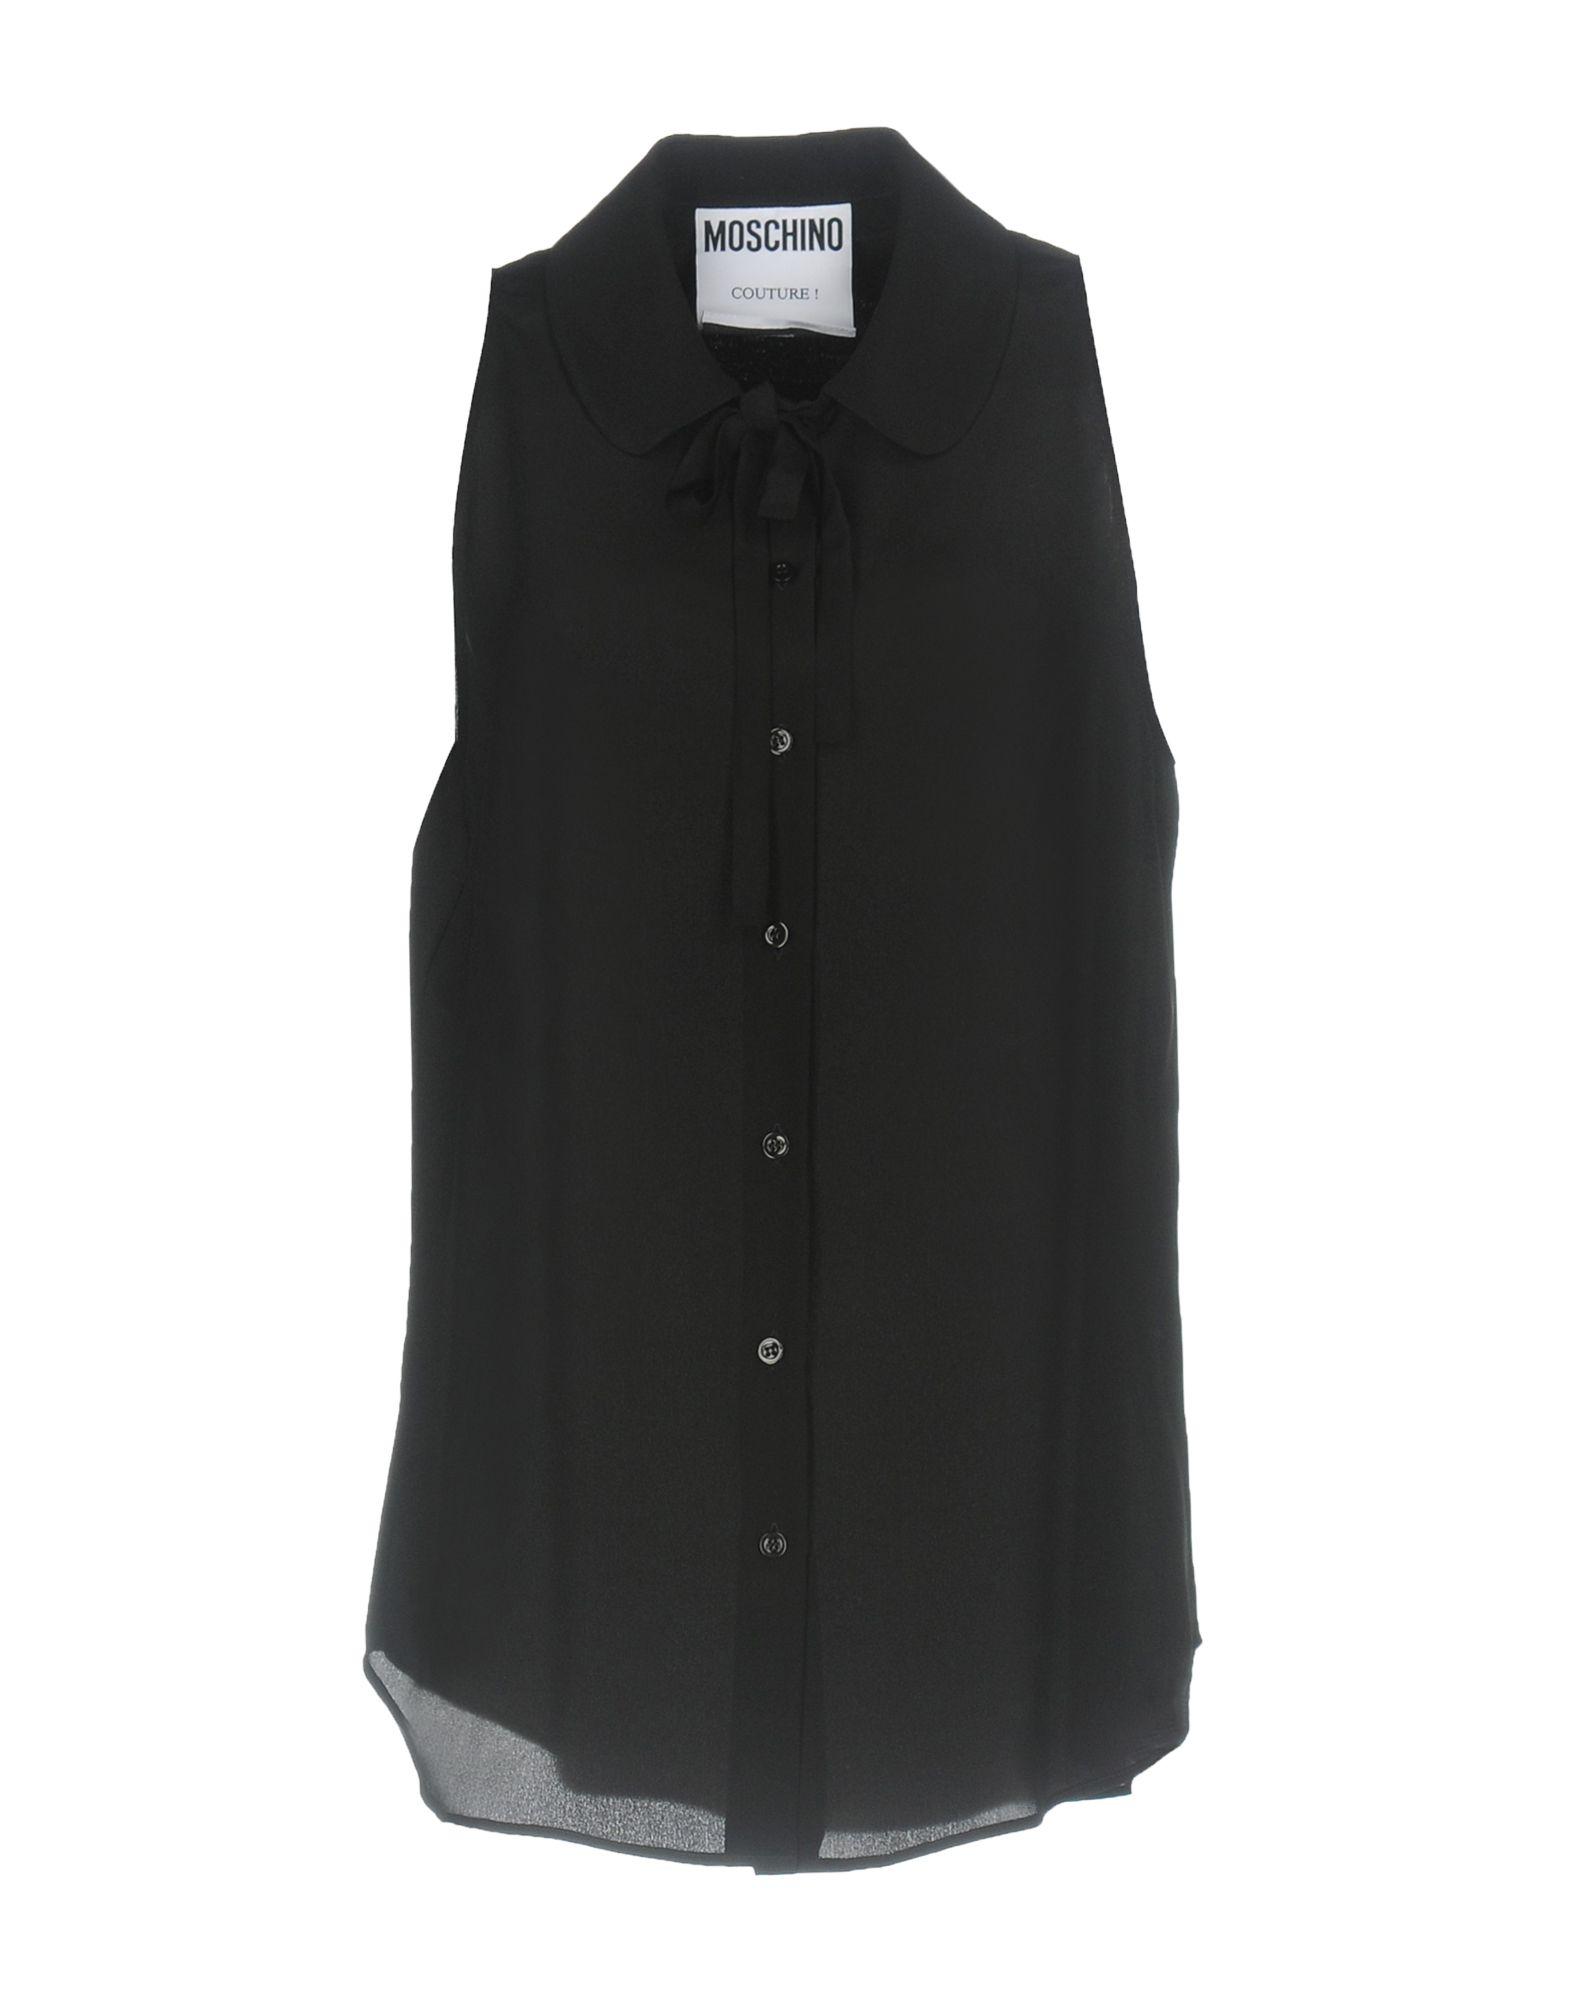 MOSCHINO COUTURE Damen Hemd Farbe Schwarz Größe 6 - broschei